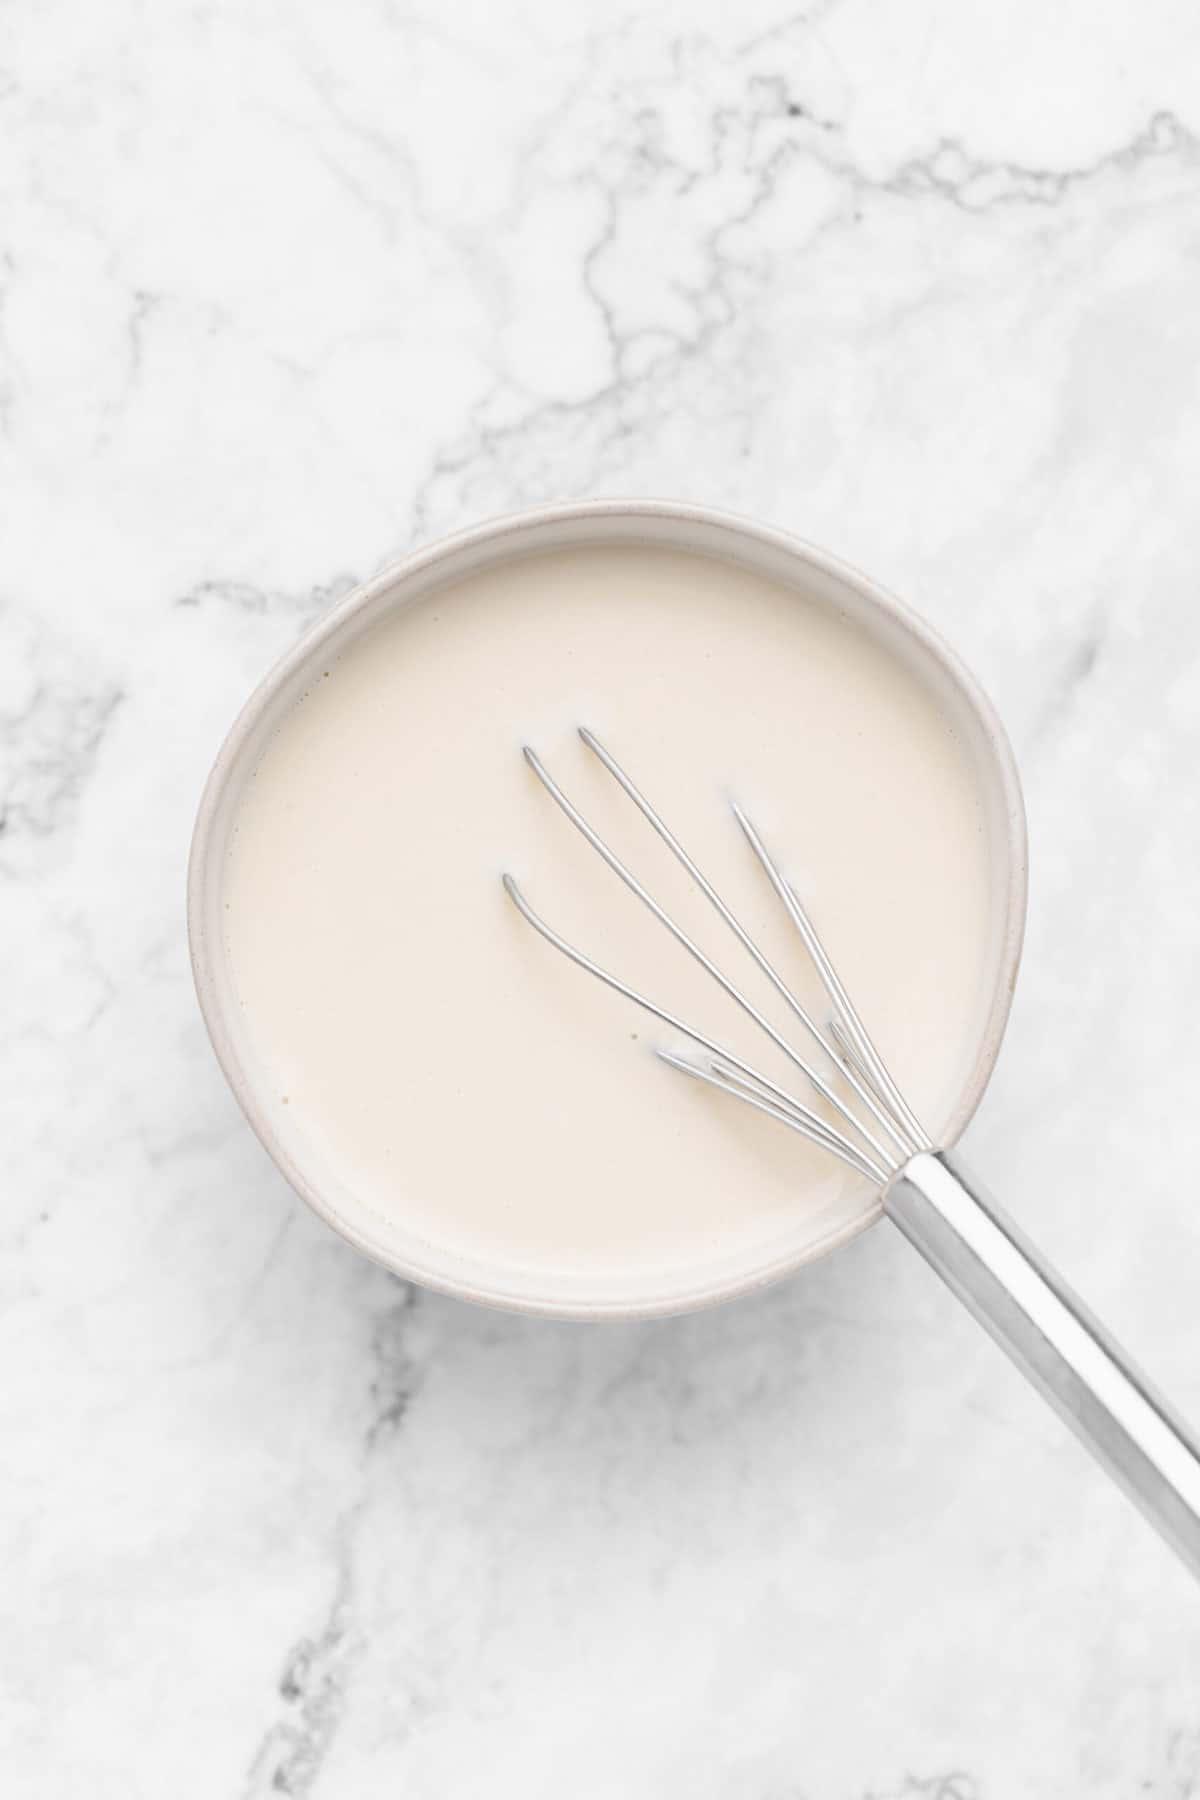 Vegan buttermilk in a bowl.